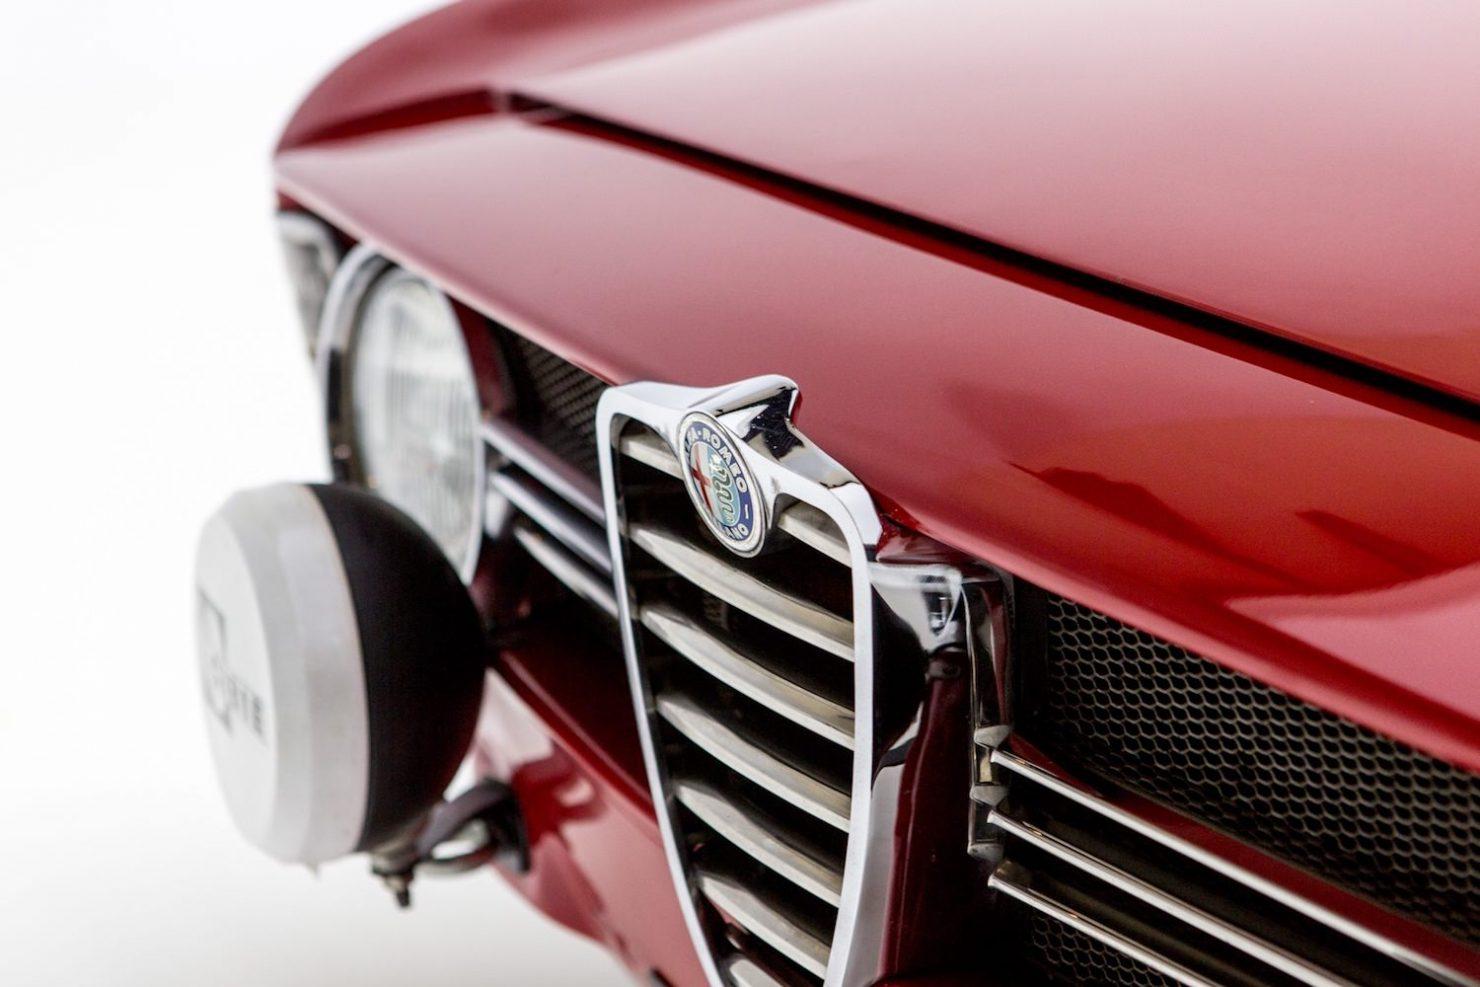 alfa romeo sprint gt veloce 22 1480x987 - 1967 Alfa Romeo Sprint GT Veloce